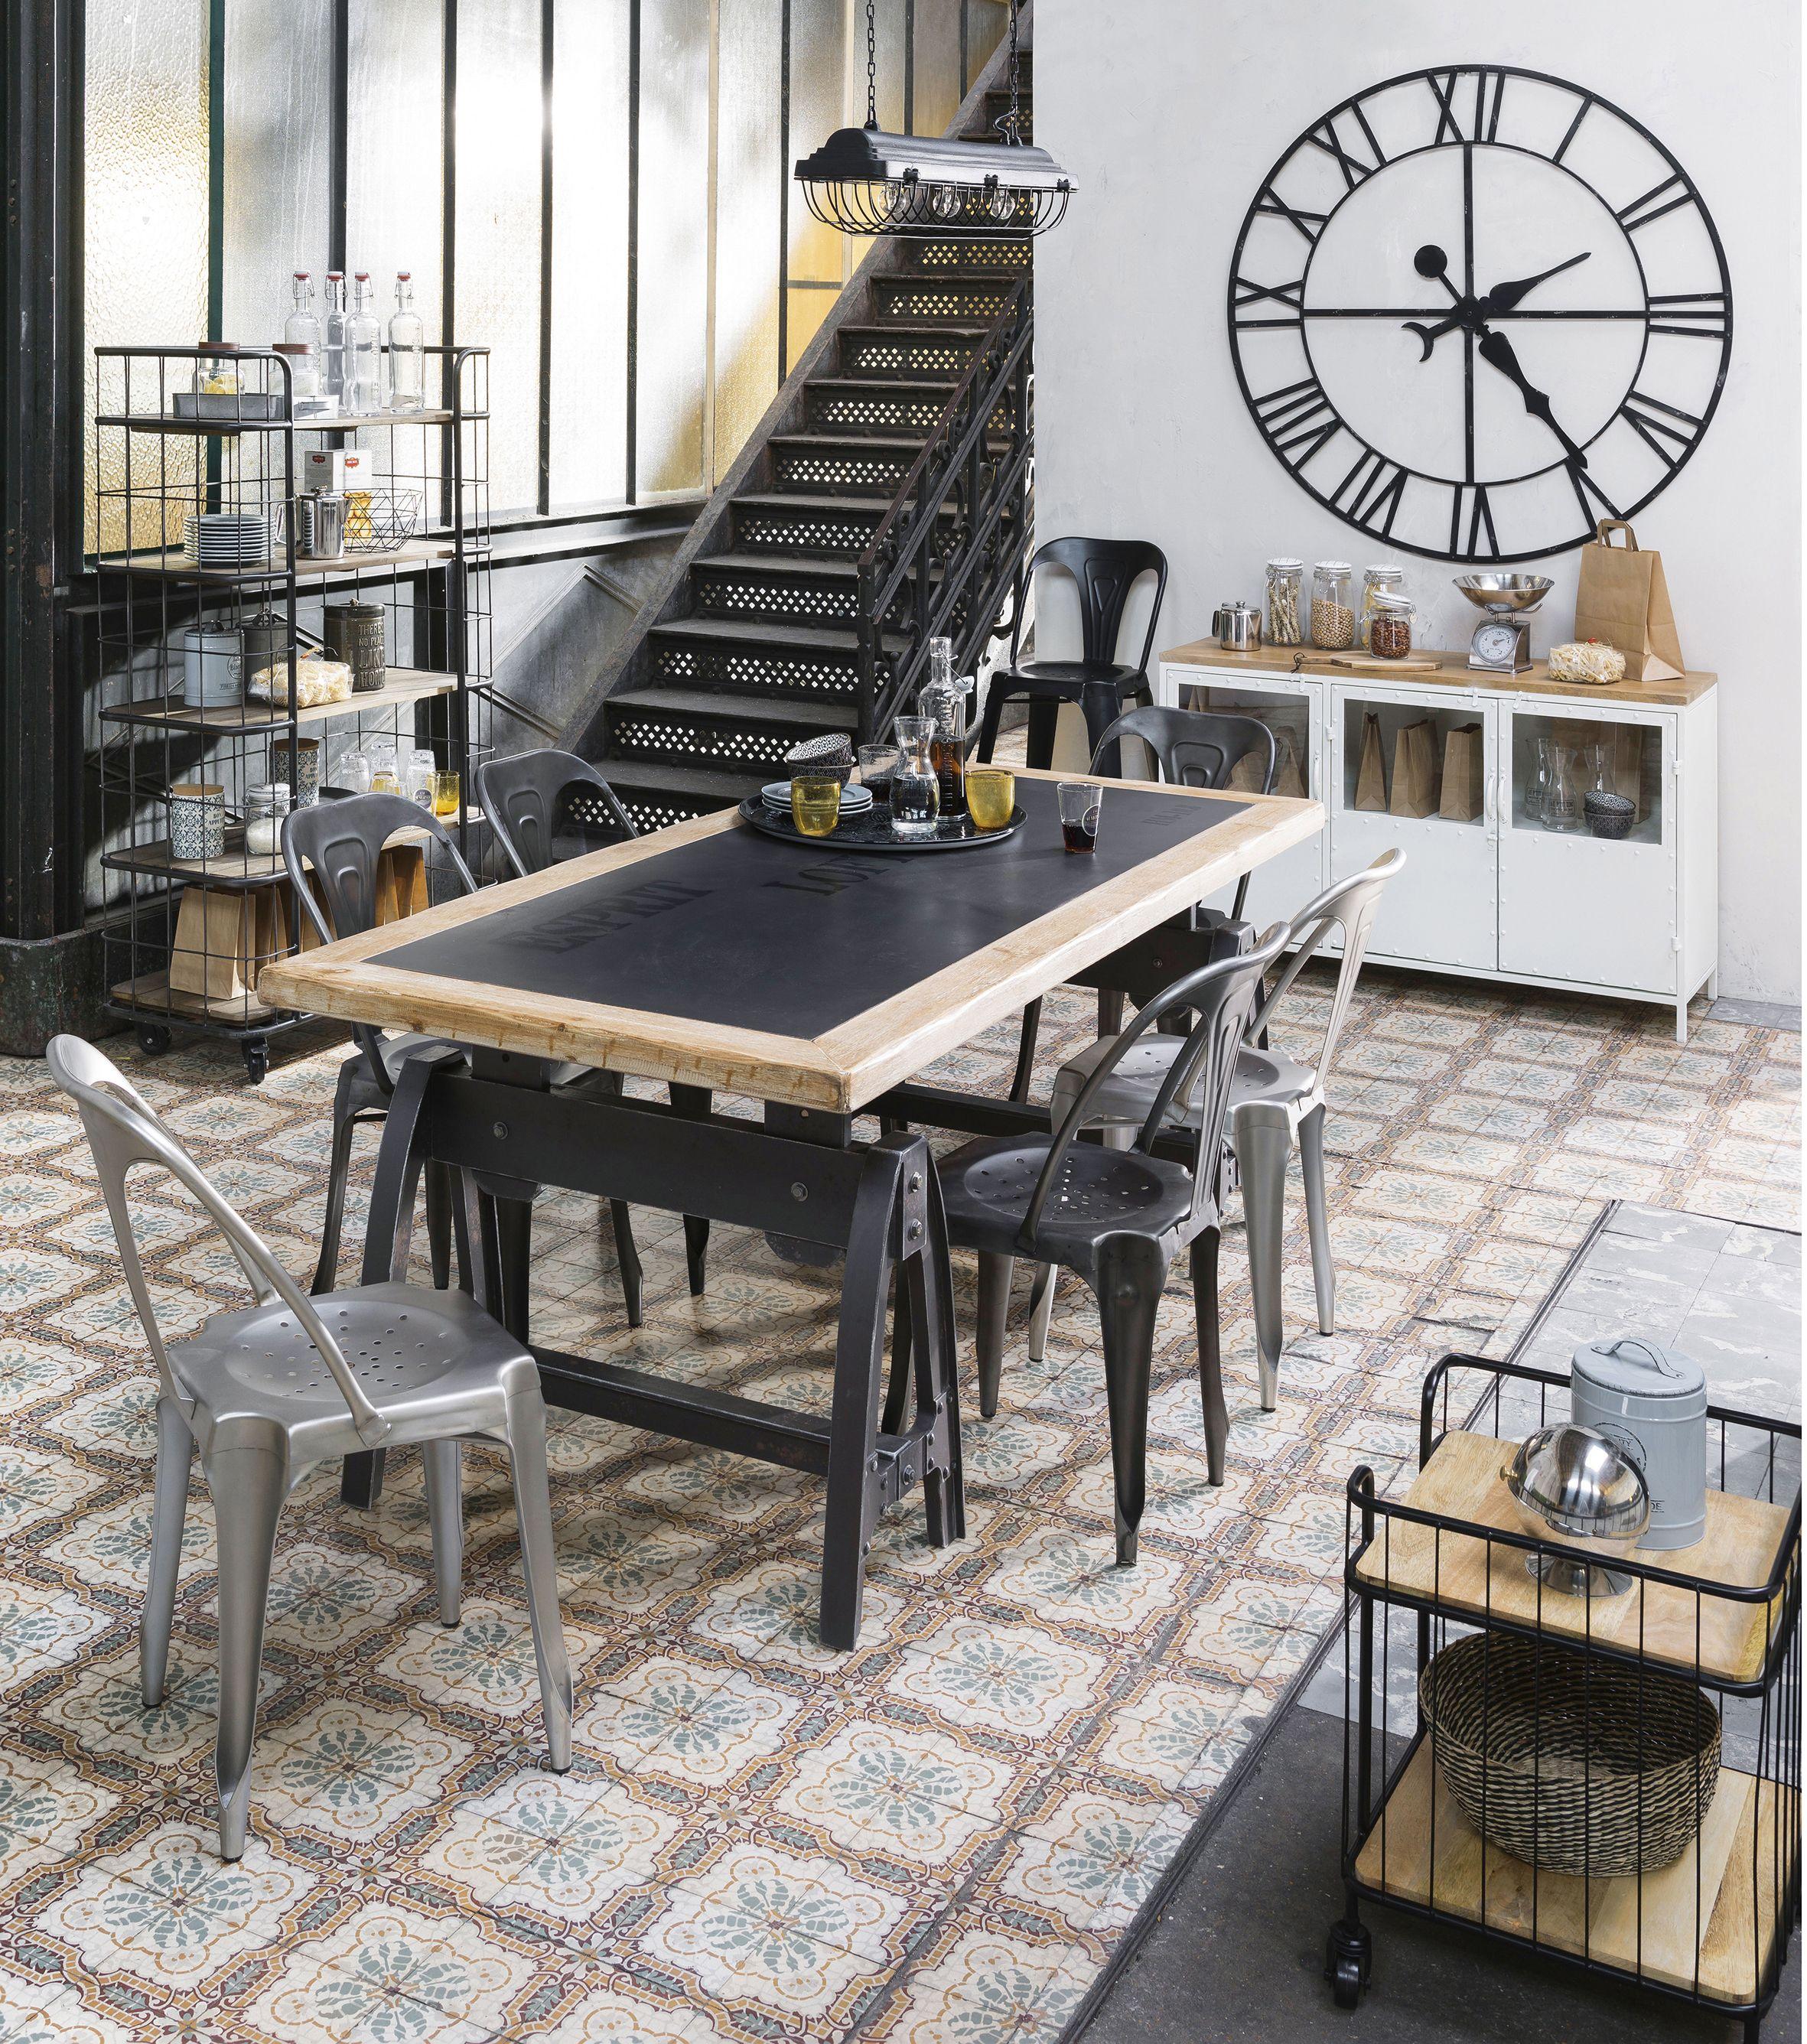 Salle a manger style industriel noir bois carreaux de ciment et m tal avec une grande horloge en - Deco salle a manger industrielle ...